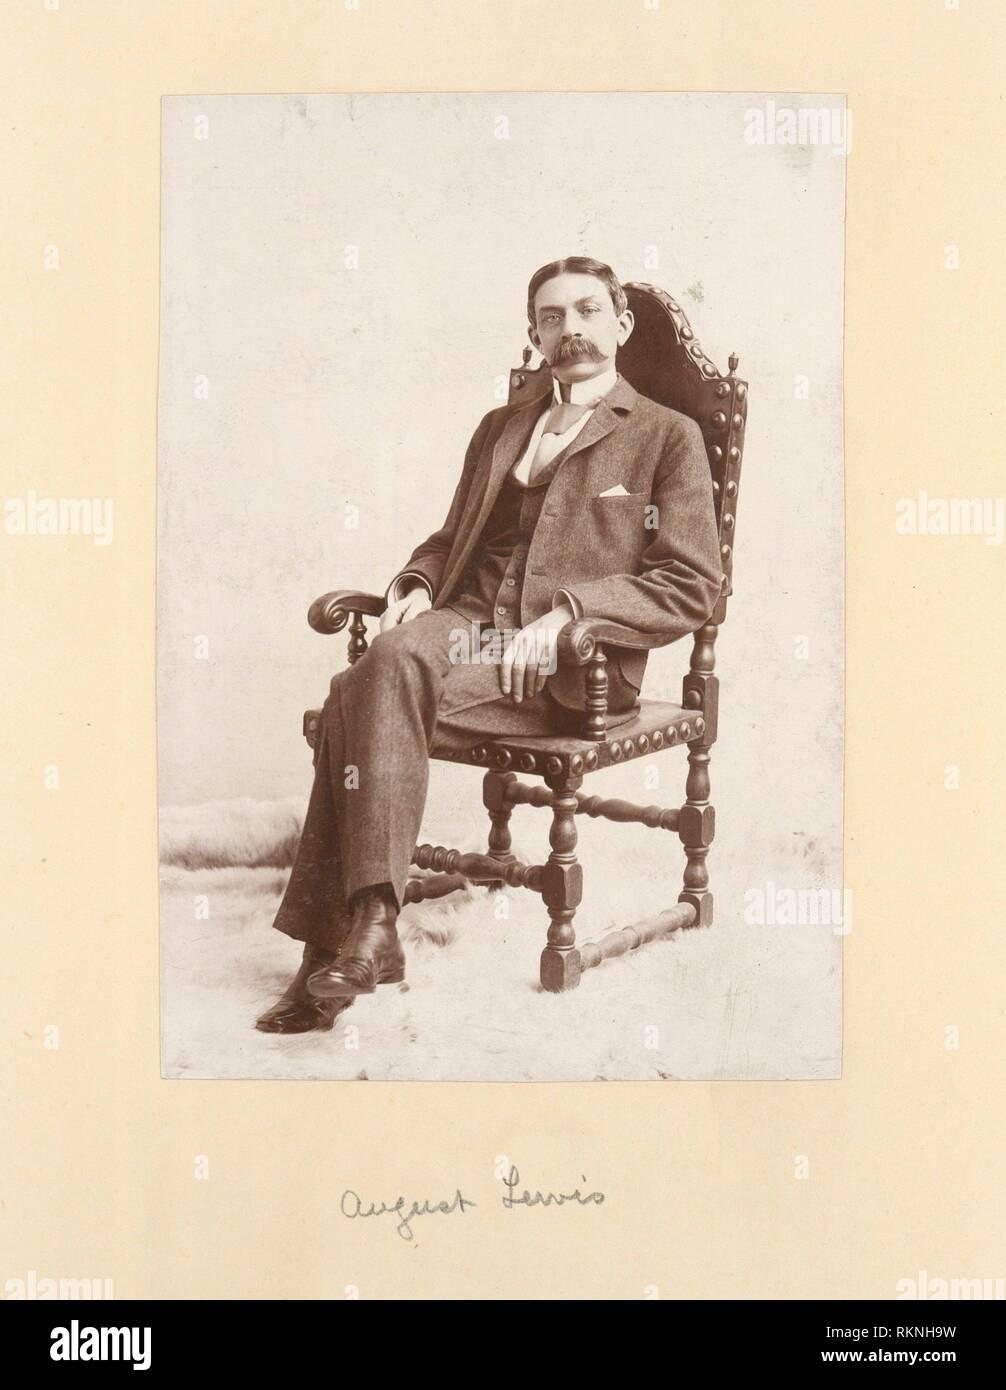 Agosto Lewis. La tassa unica: album di fotografie. Data di creazione: 1800 - 1899 (approssimativo) altri Data: [Data non disponibile]. Imposta unica George, Immagini Stock